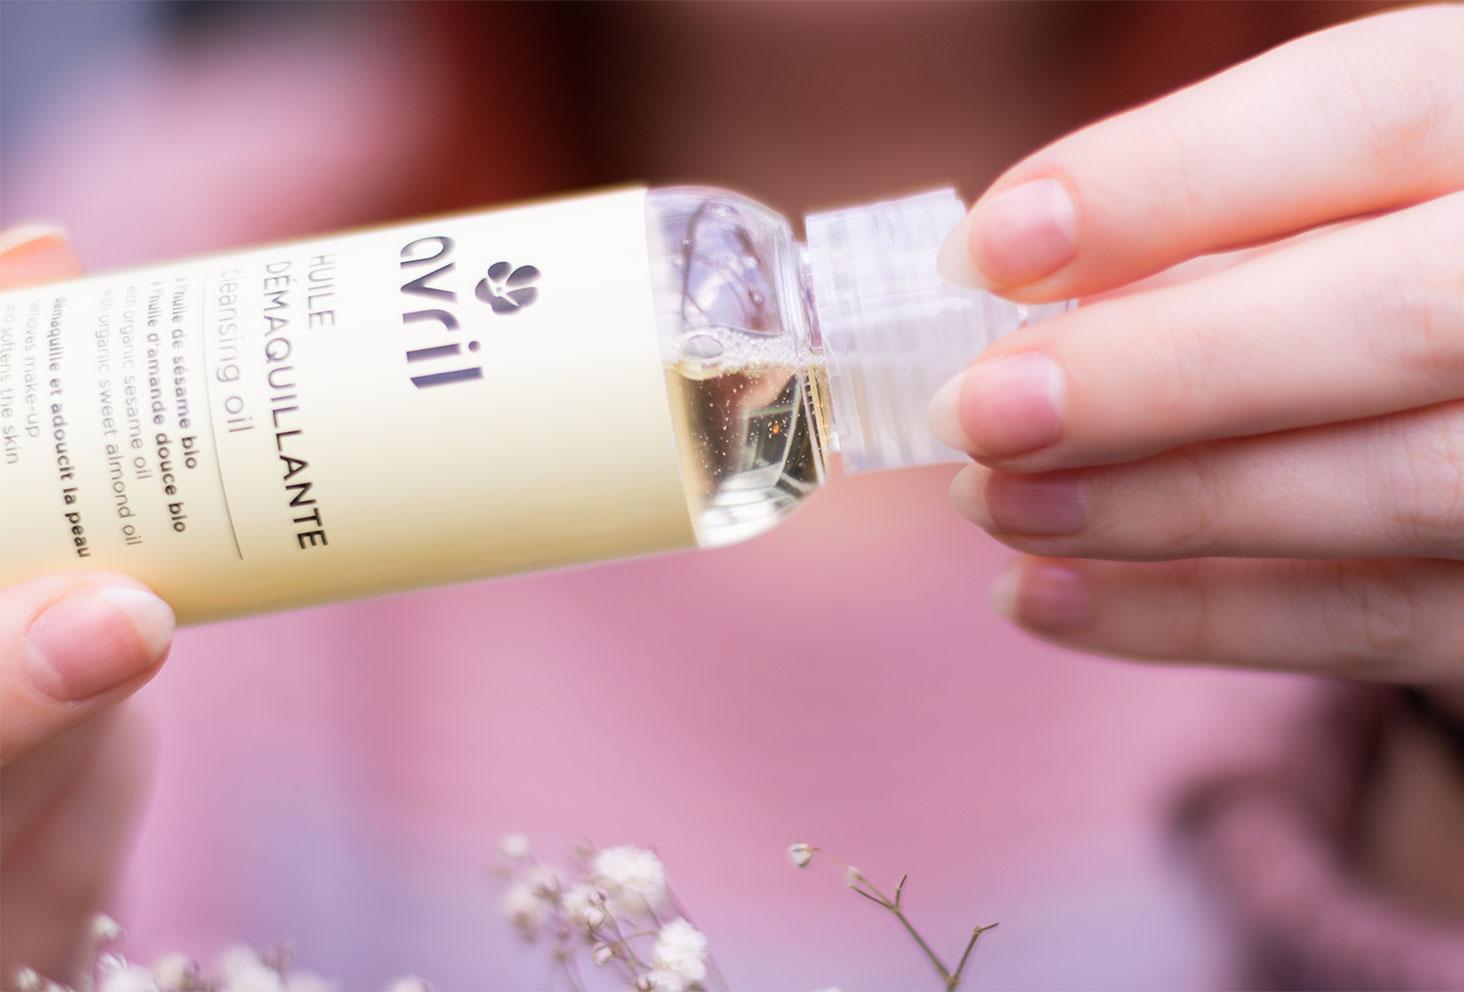 Zoom sur la texture de l'huile démaquillante Avril tenue dans les mains au-dessus de fleurs séchées